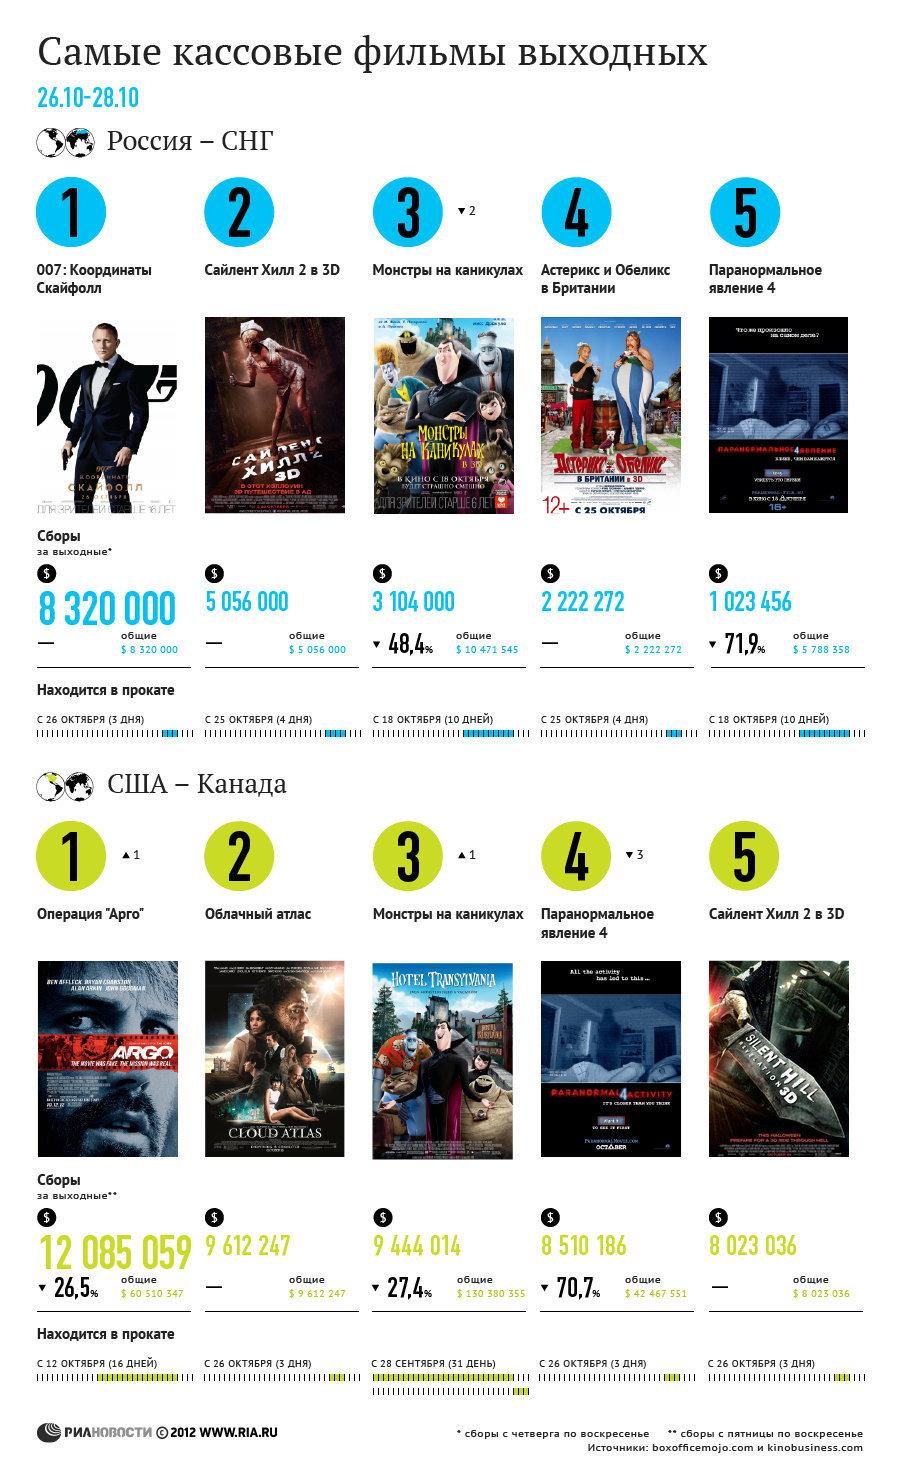 Фильмы 2017 года смотреть онлайн  в хорошем качестве hd